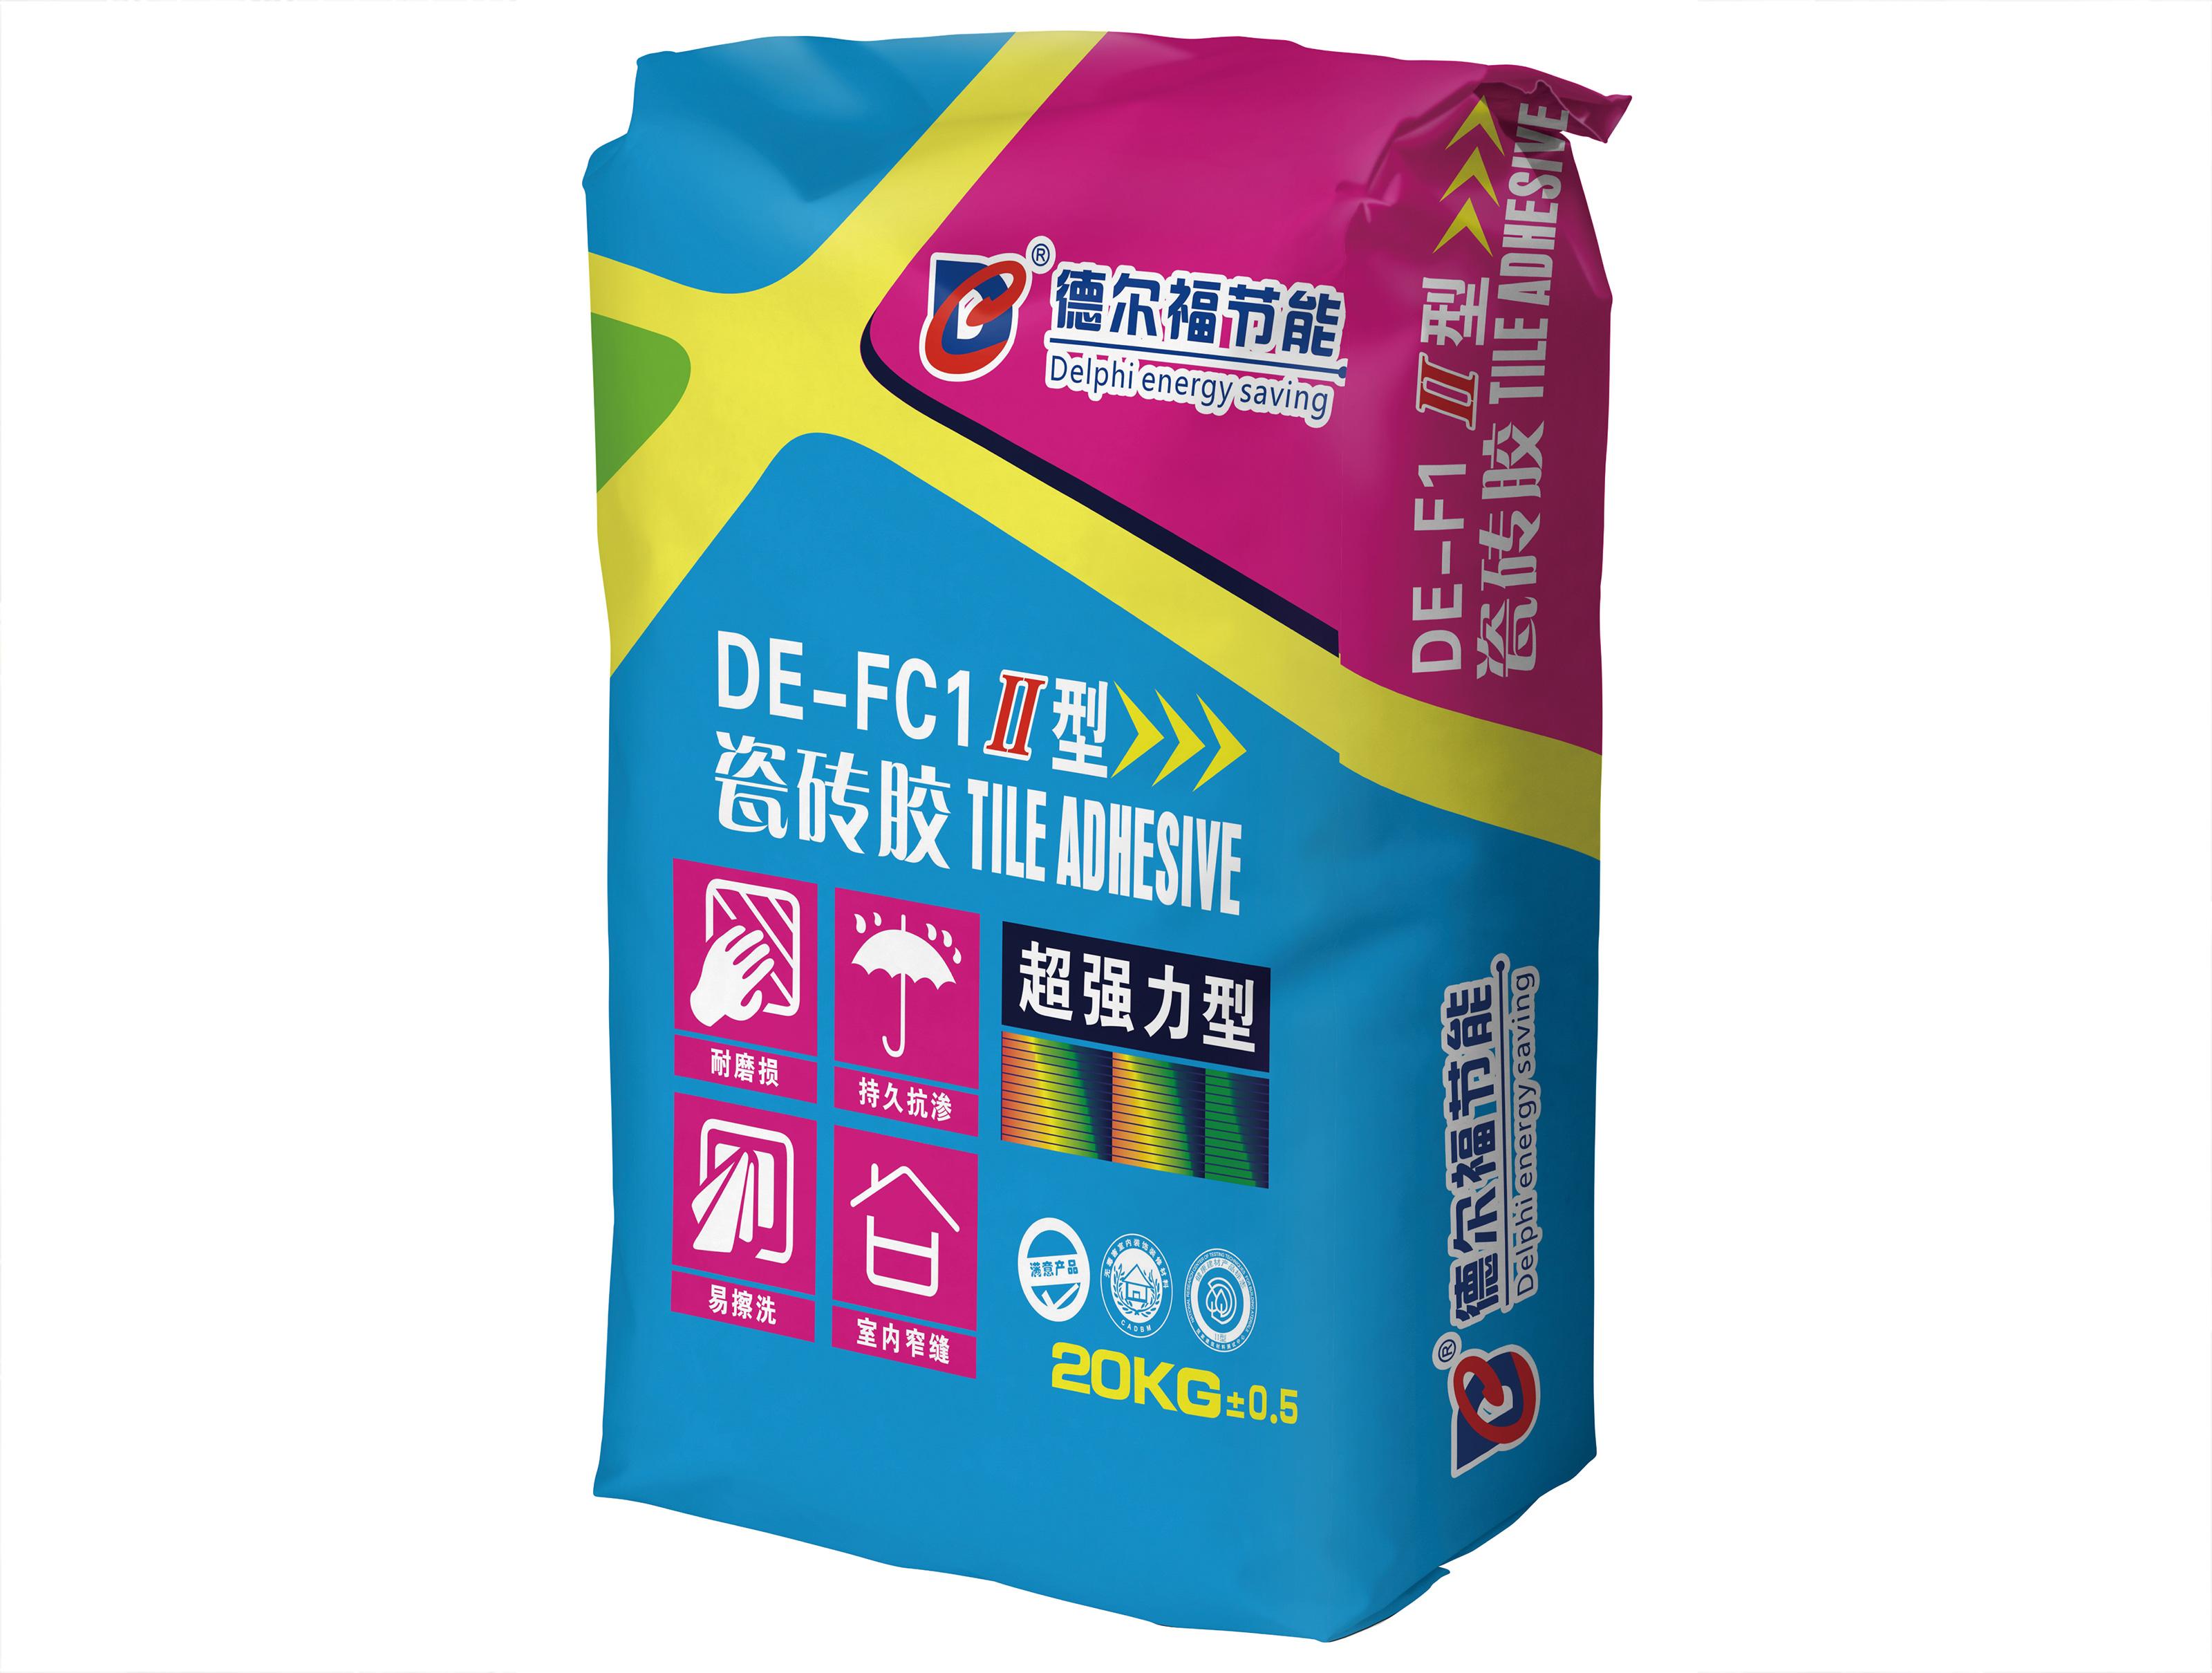 DE-FC1瓷砖胶